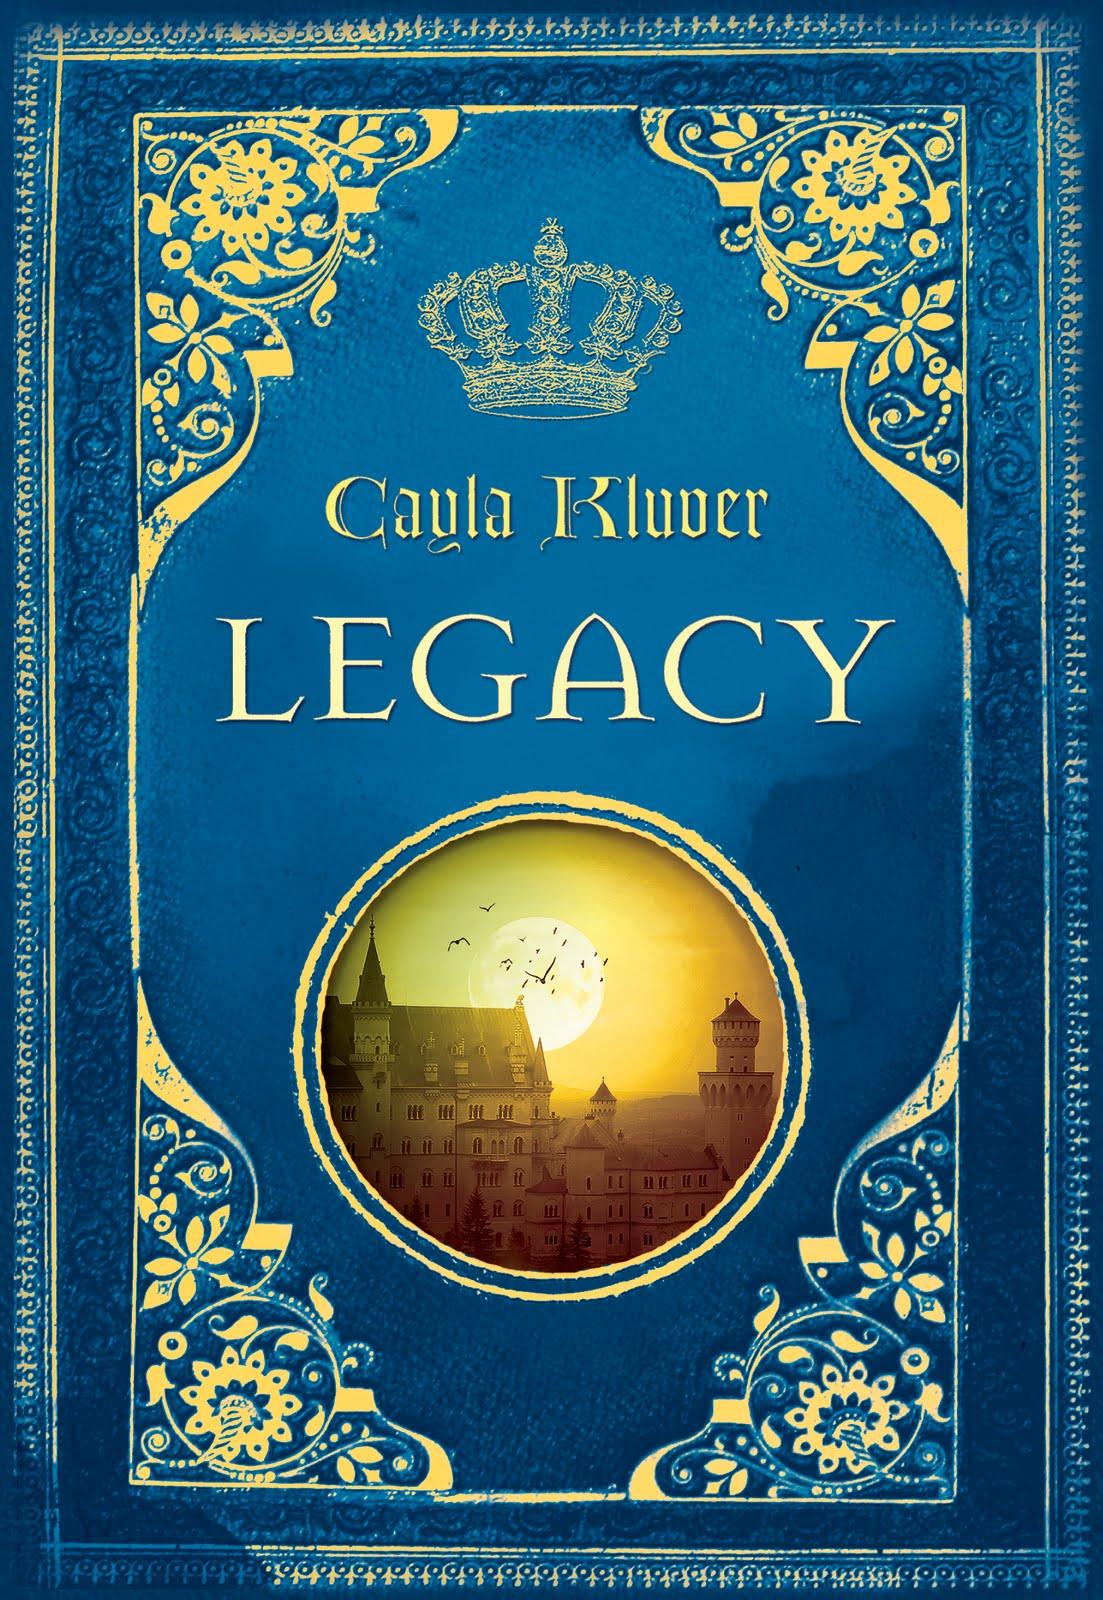 Legacy: Portadas de Legacy en el mundo